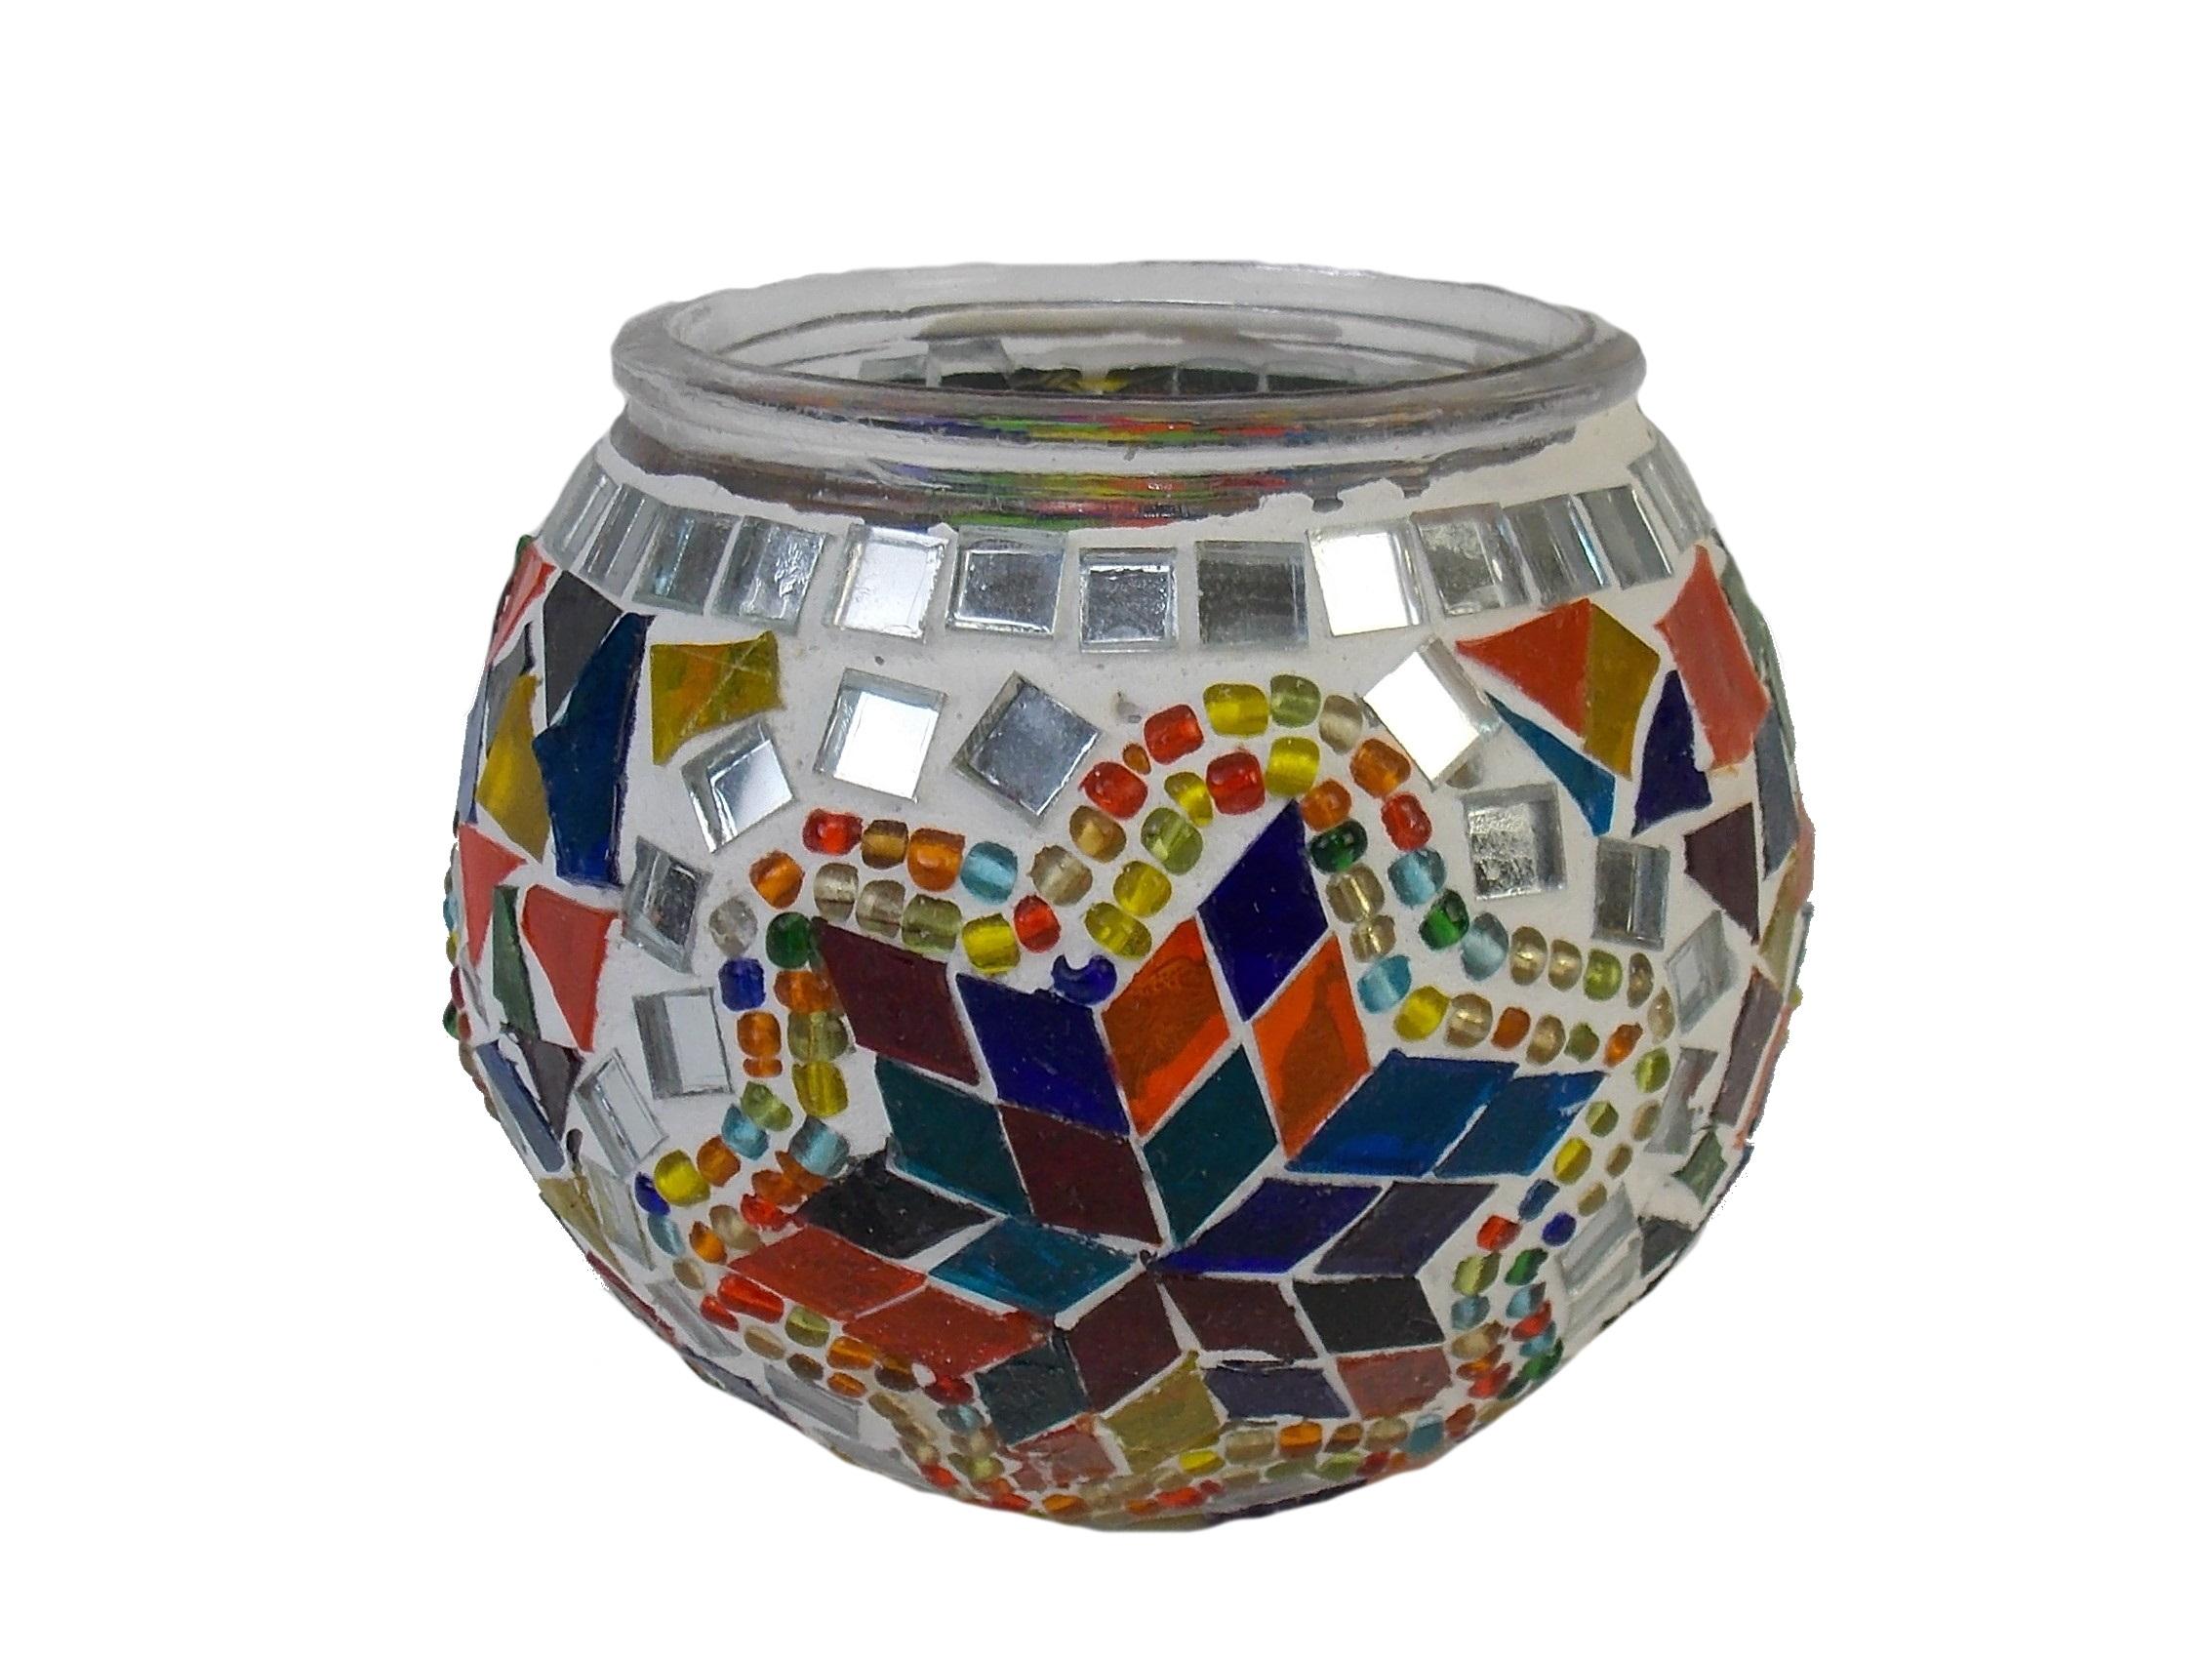 Candela mozaic - 9 cm